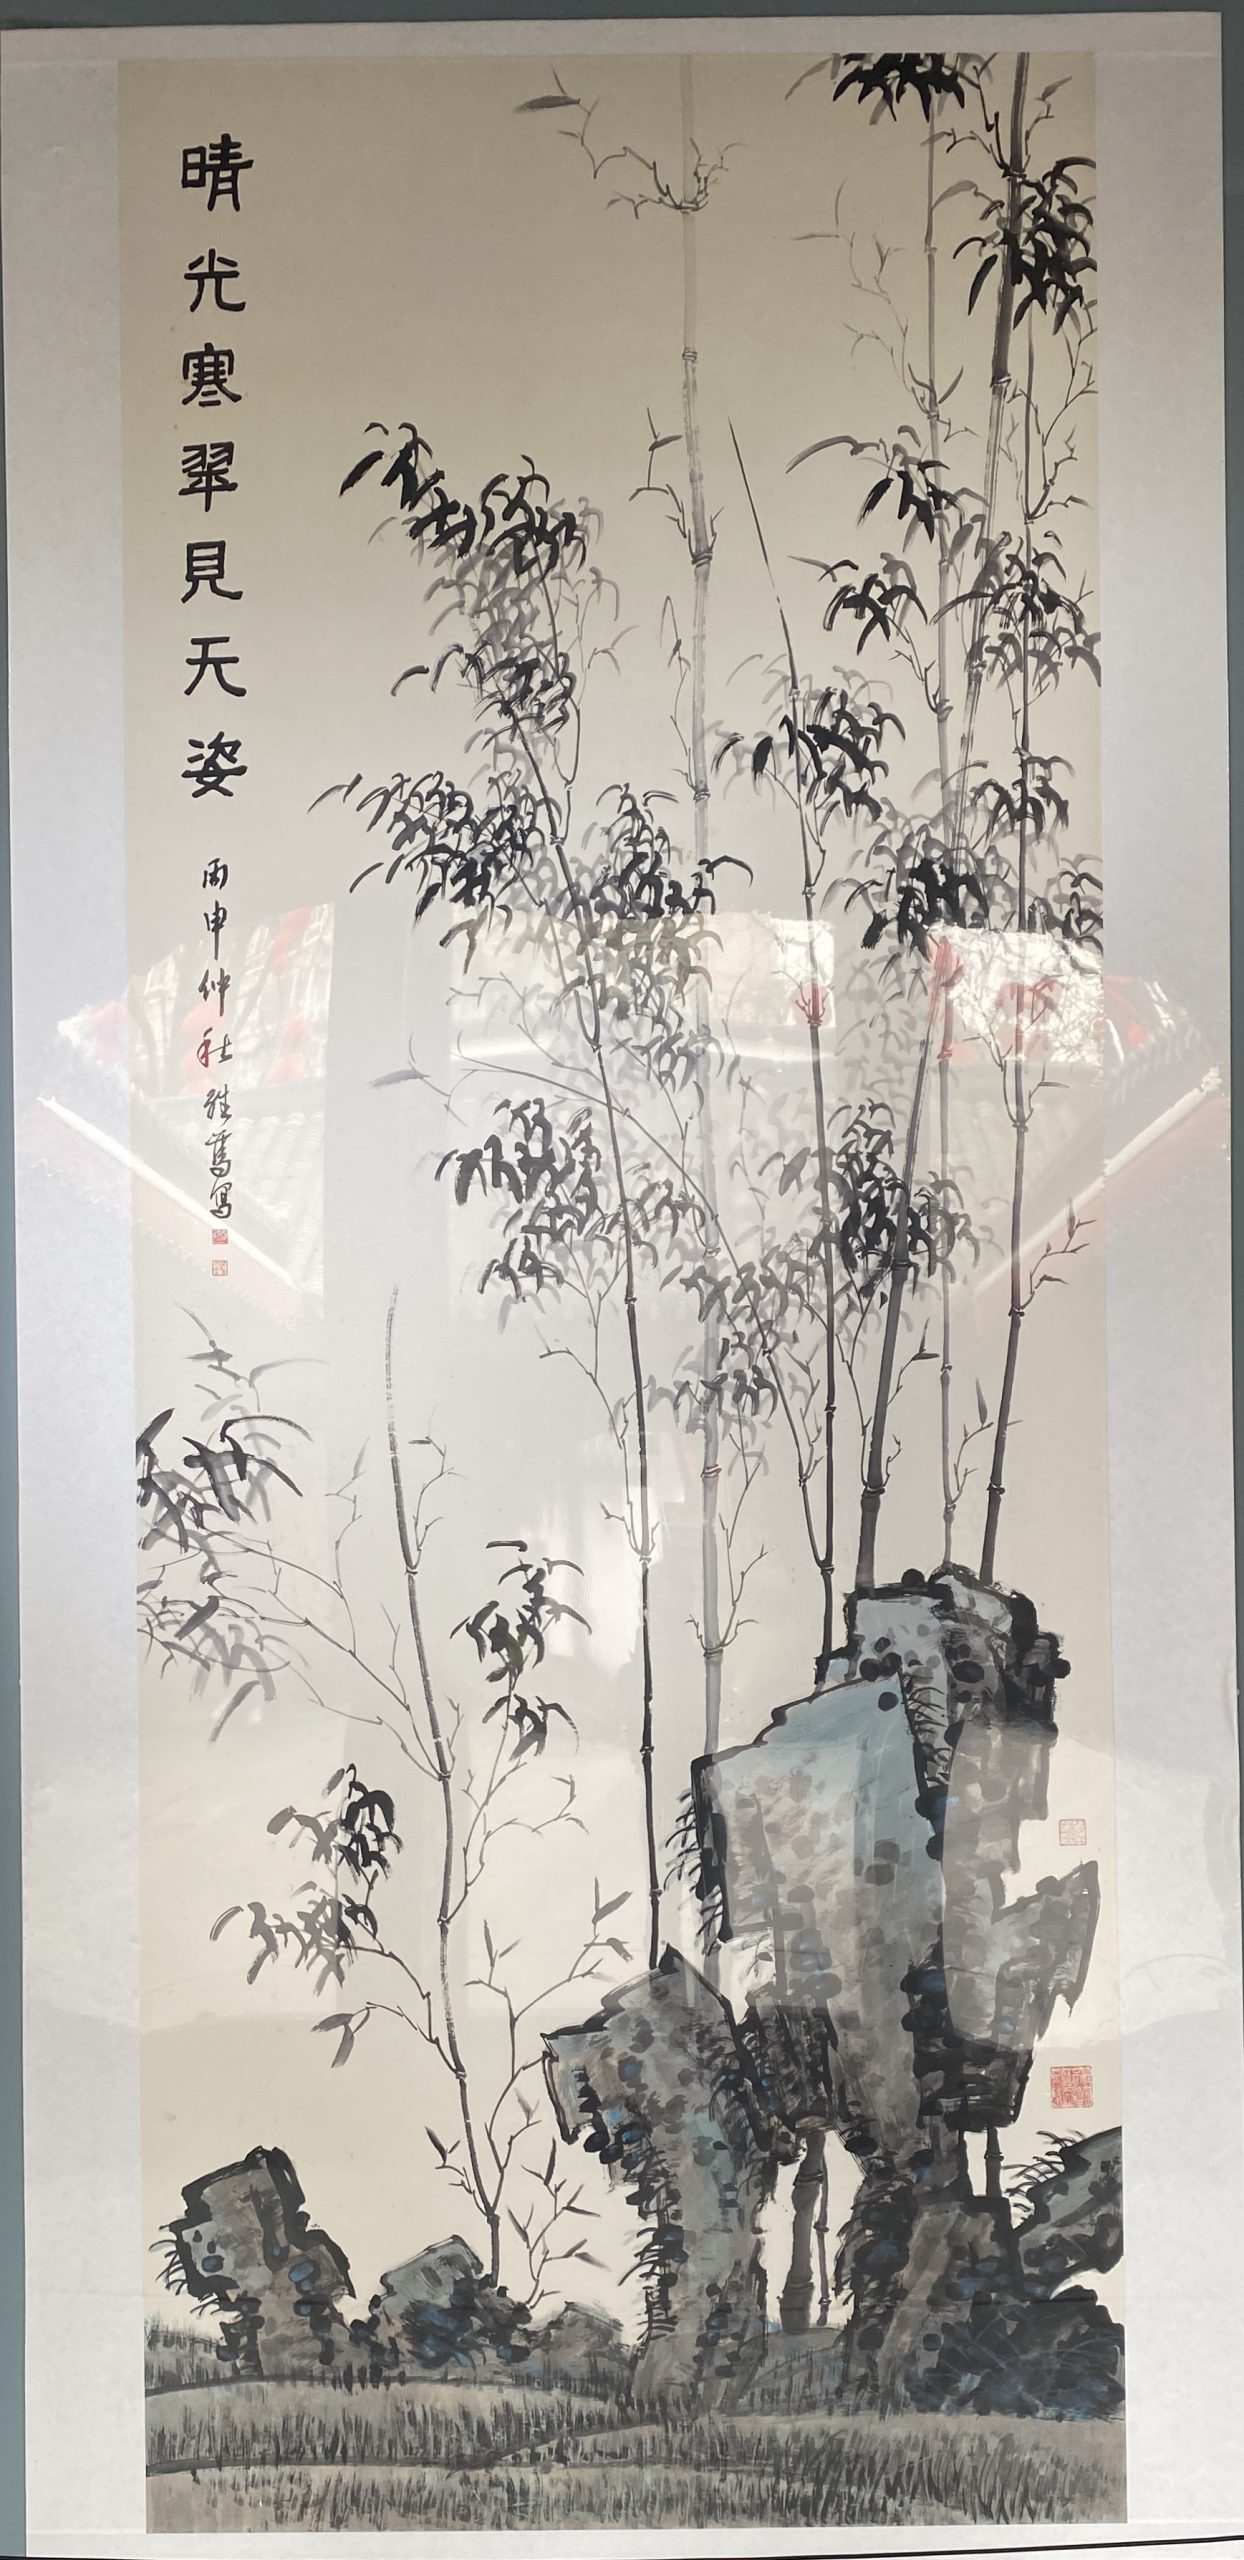 晴れ、寒くて緑、空の姿を見る-2016-中国画-361×143cm-「丹青を振りかけ、詩情を送る-何継篤個人書画展」成都市美術館